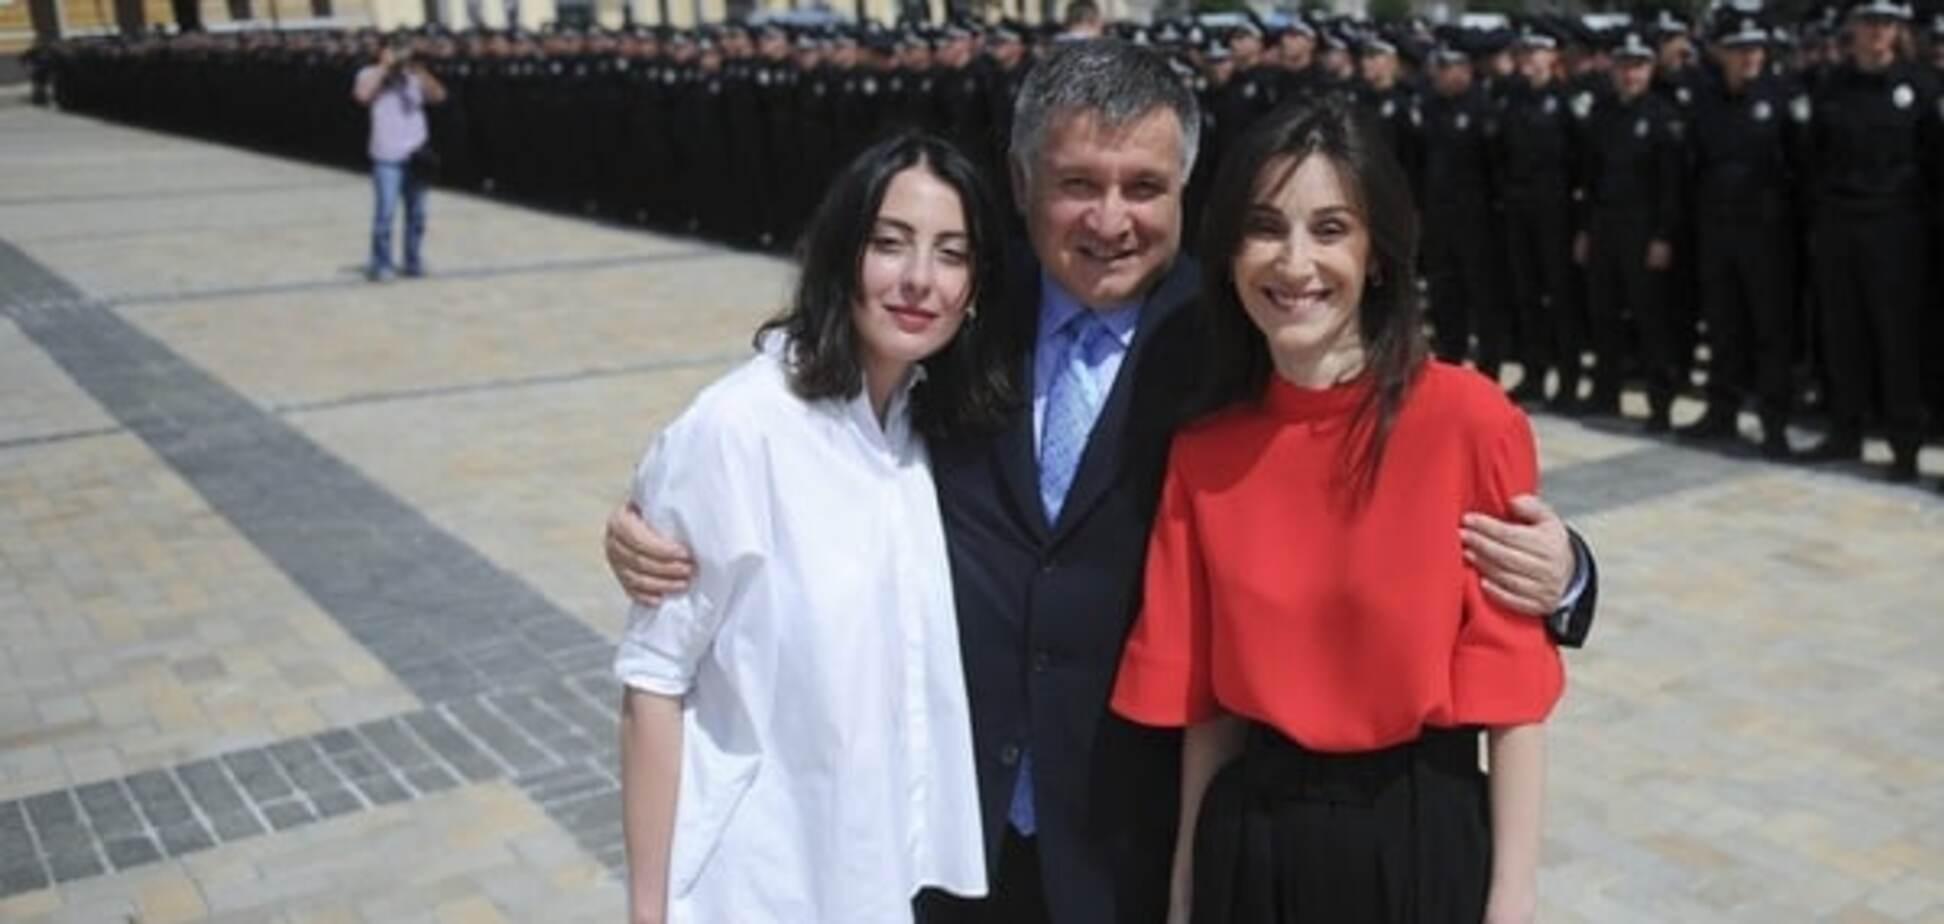 Хатия Деканоидзе, Арсен Аваков и Эка Згуладзе